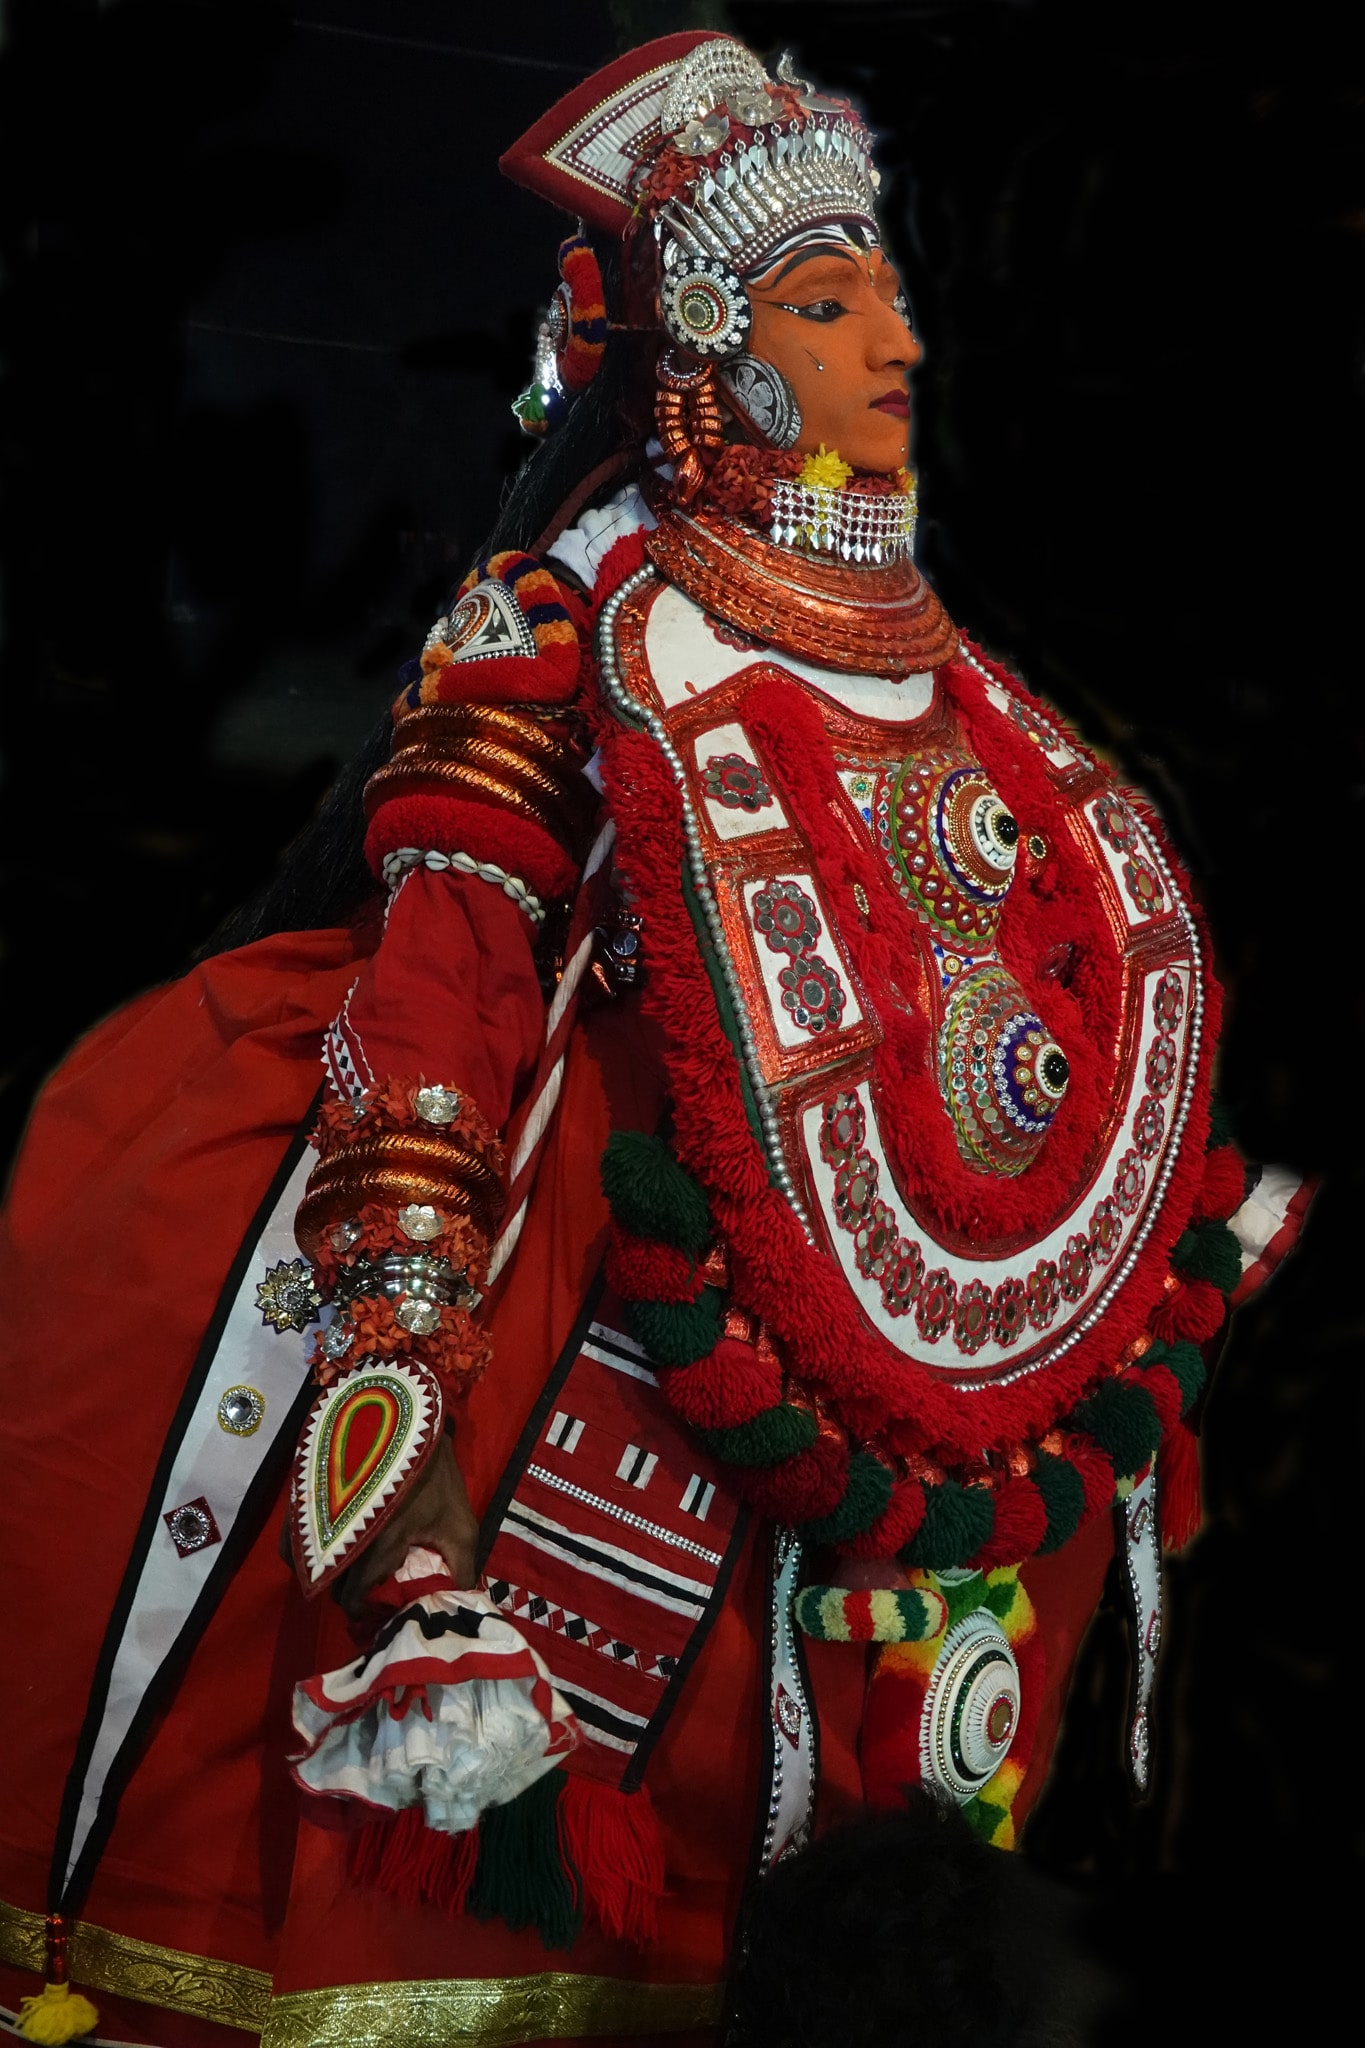 Ghandakarnan vellatam - rituel du theyyam - Kannur - Malabar